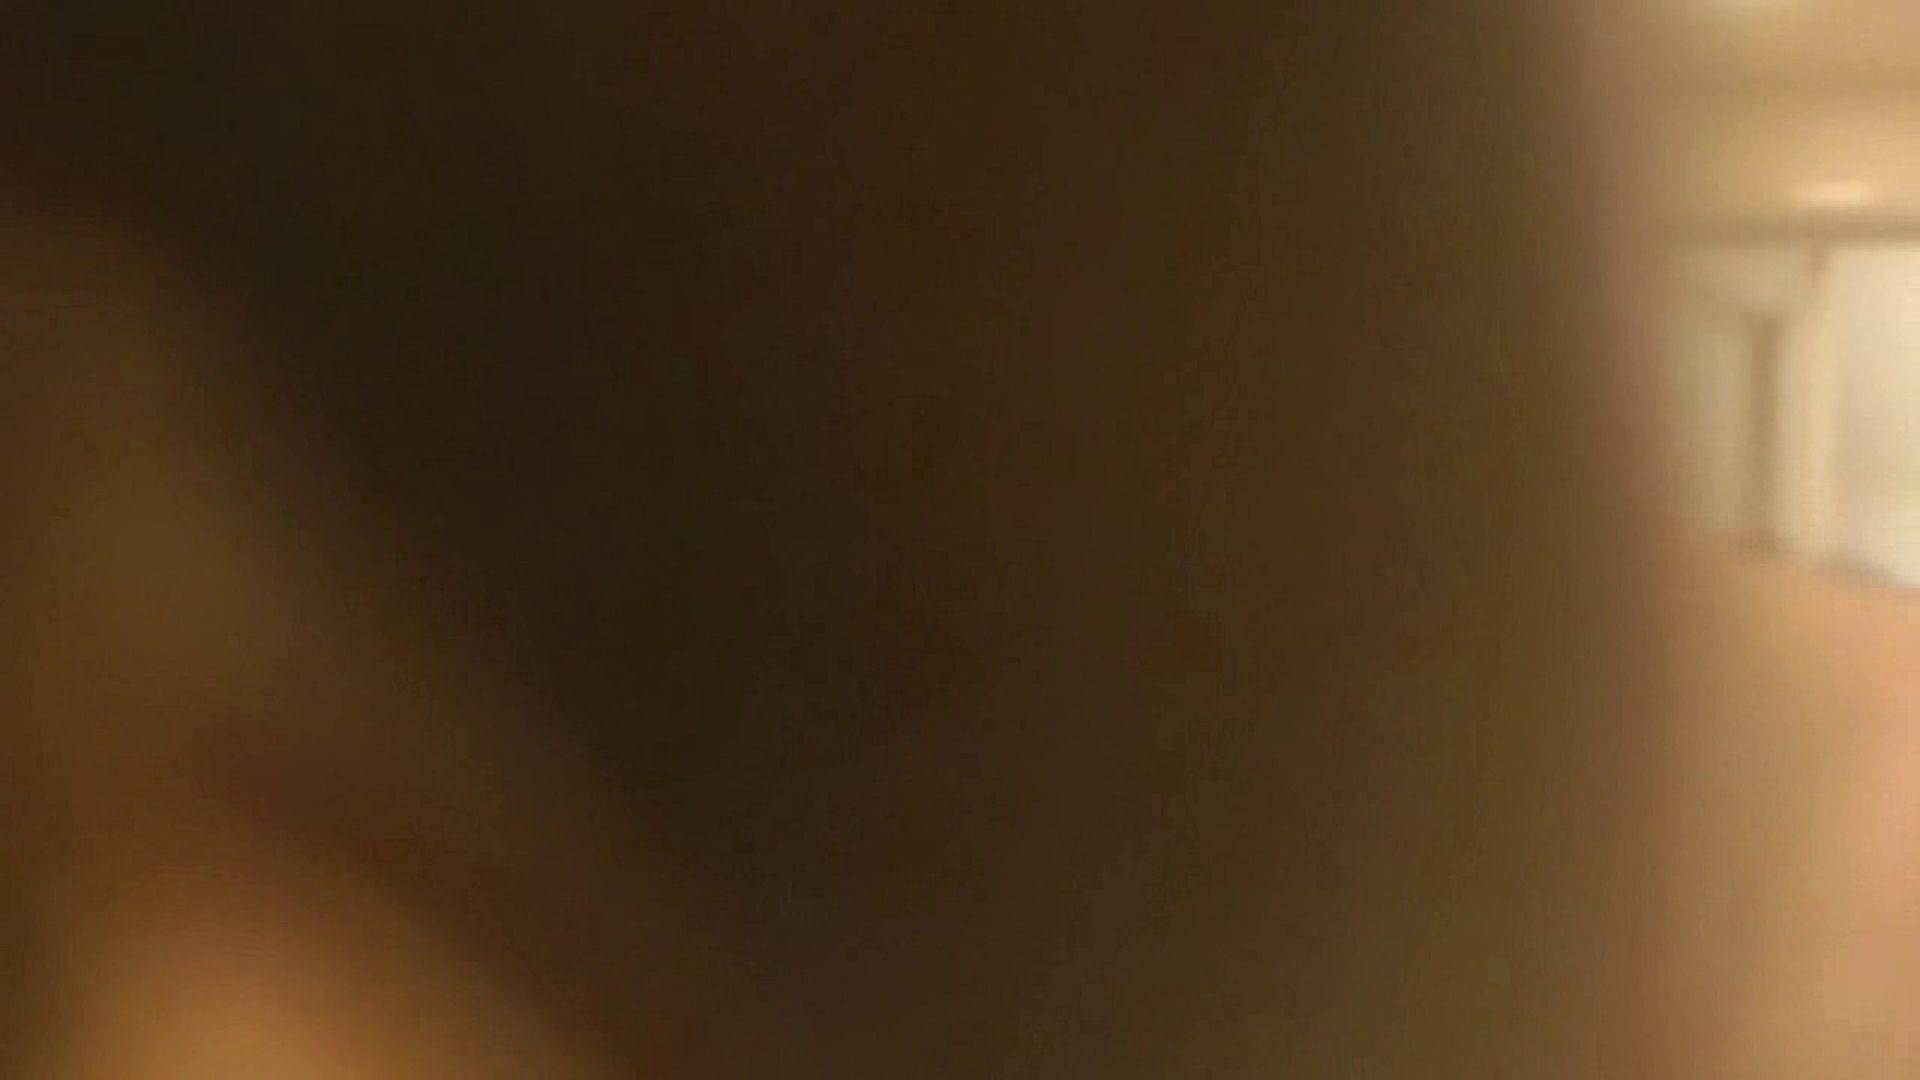 vol.1 Mayumi 窓越しに入浴シーン撮影に成功 OL   入浴シーン  89連発 2